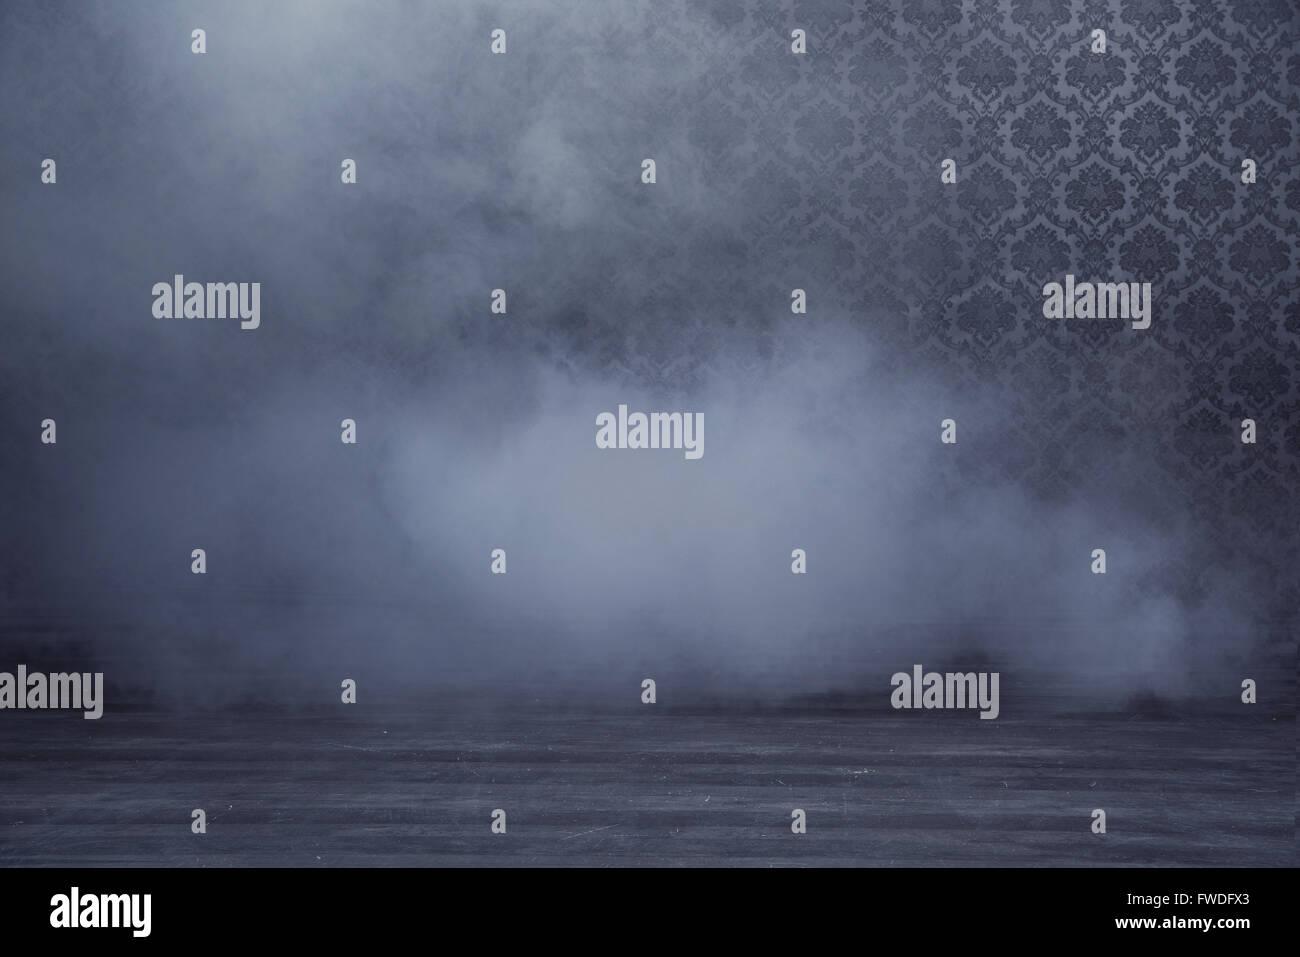 Cuarto misterioso lleno de denso humo gris Imagen De Stock